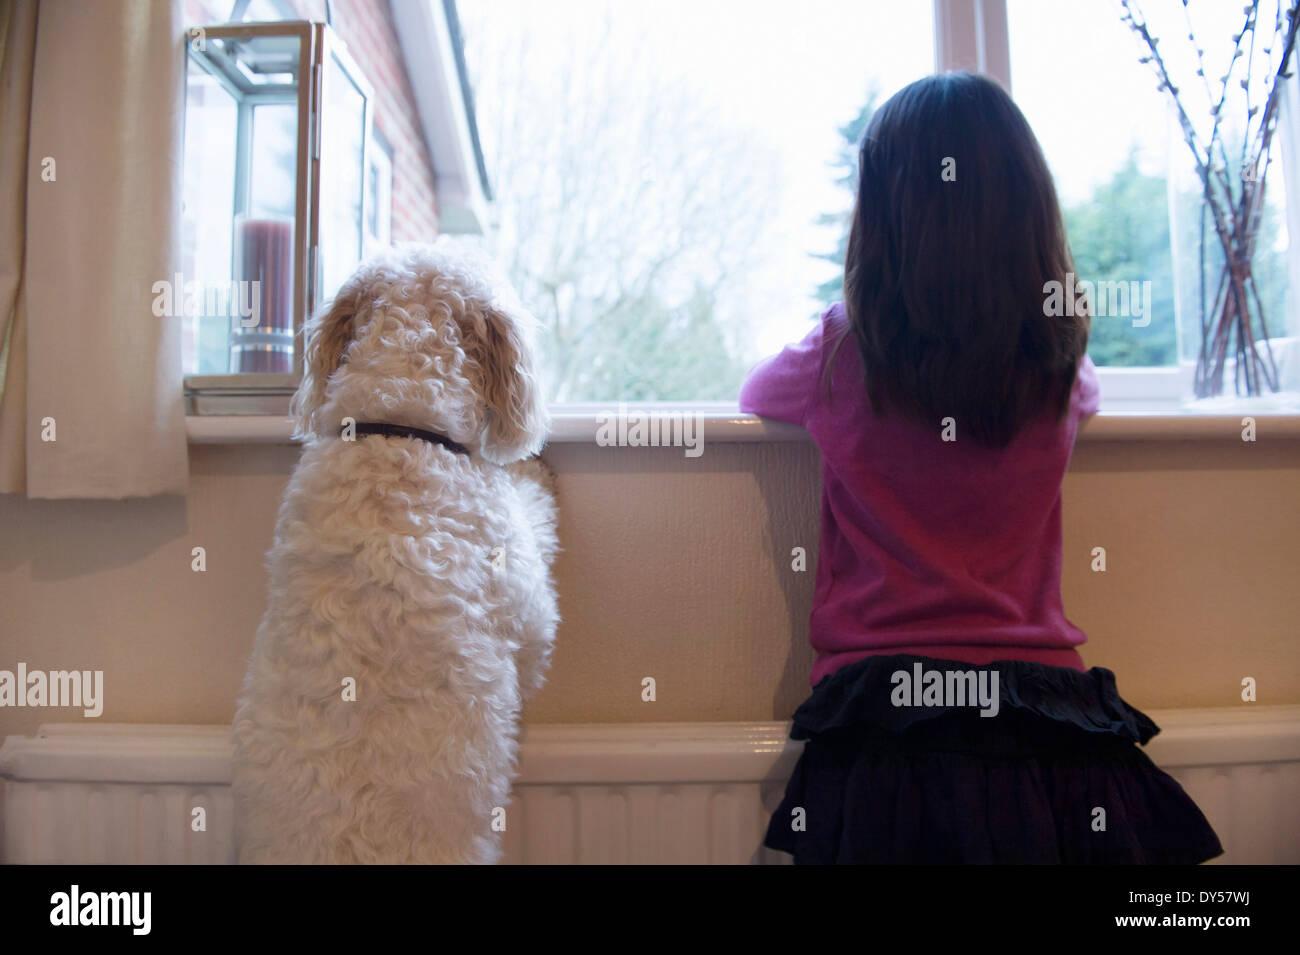 Chica y su perro mascota de pie y mirando hacia afuera de la ventana Imagen De Stock